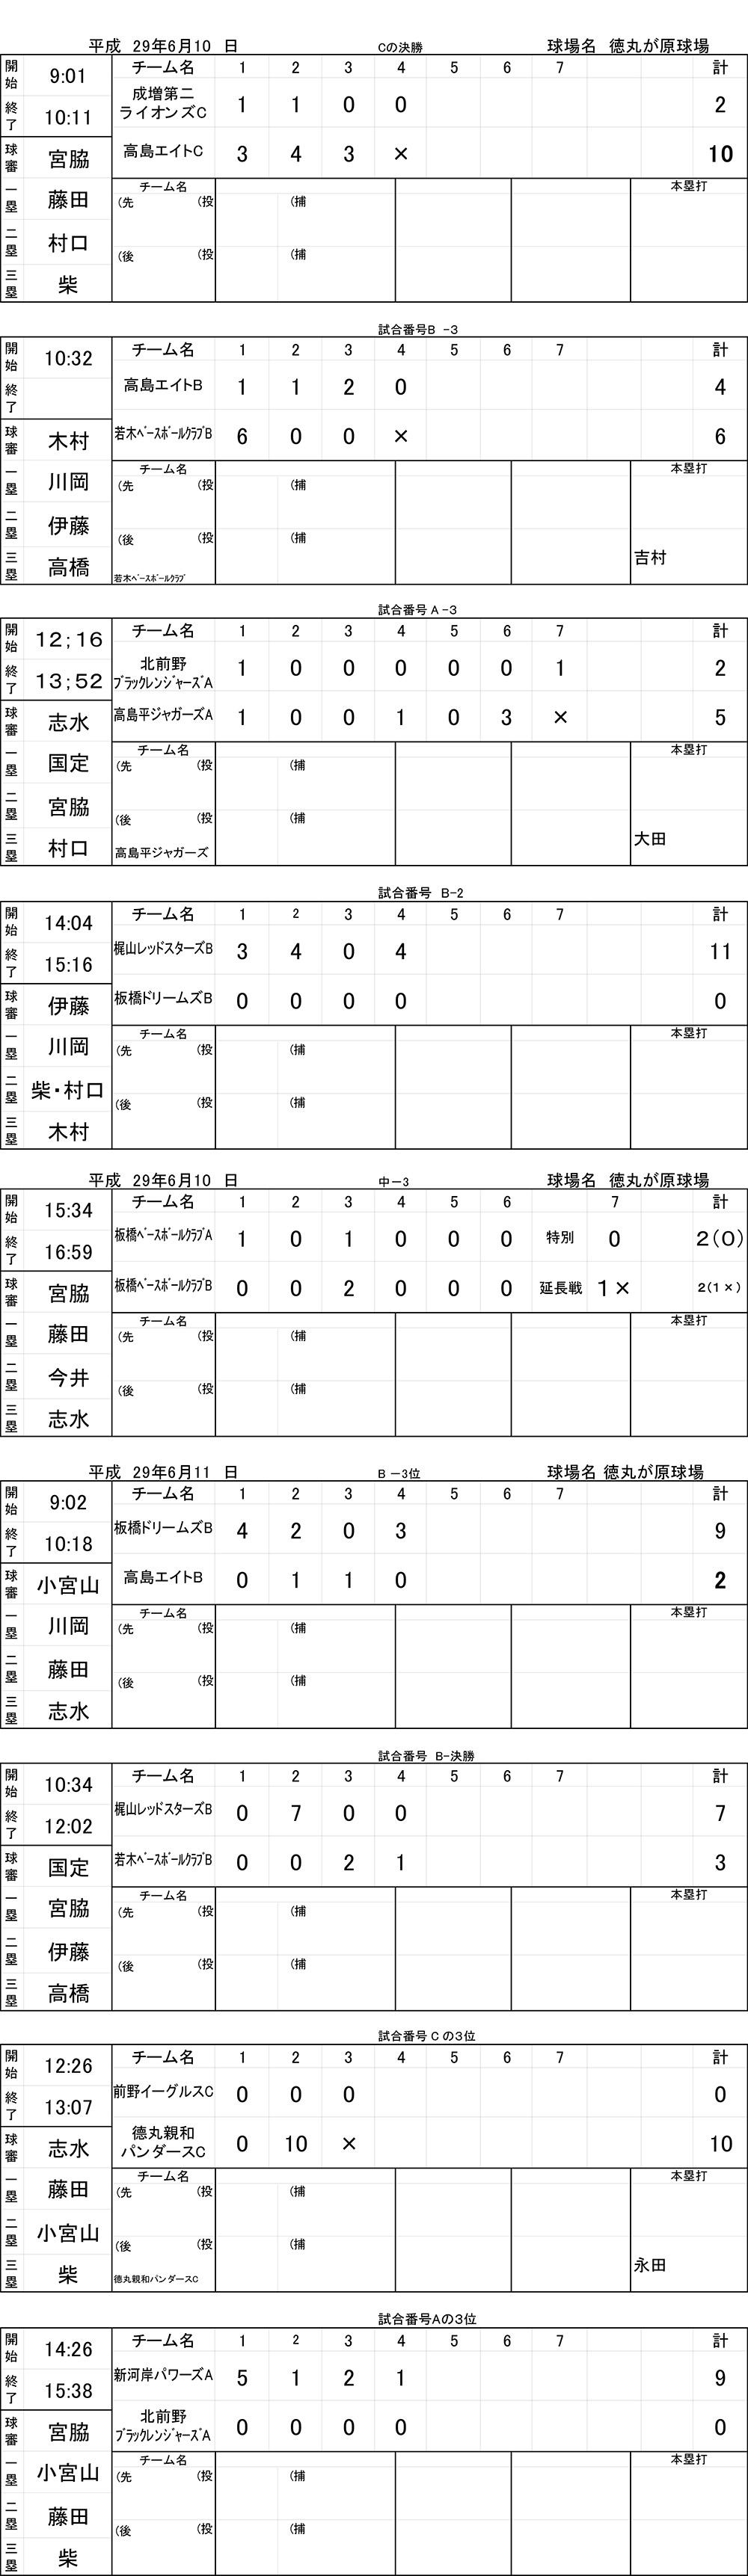 2017年板橋区春季大会6.11